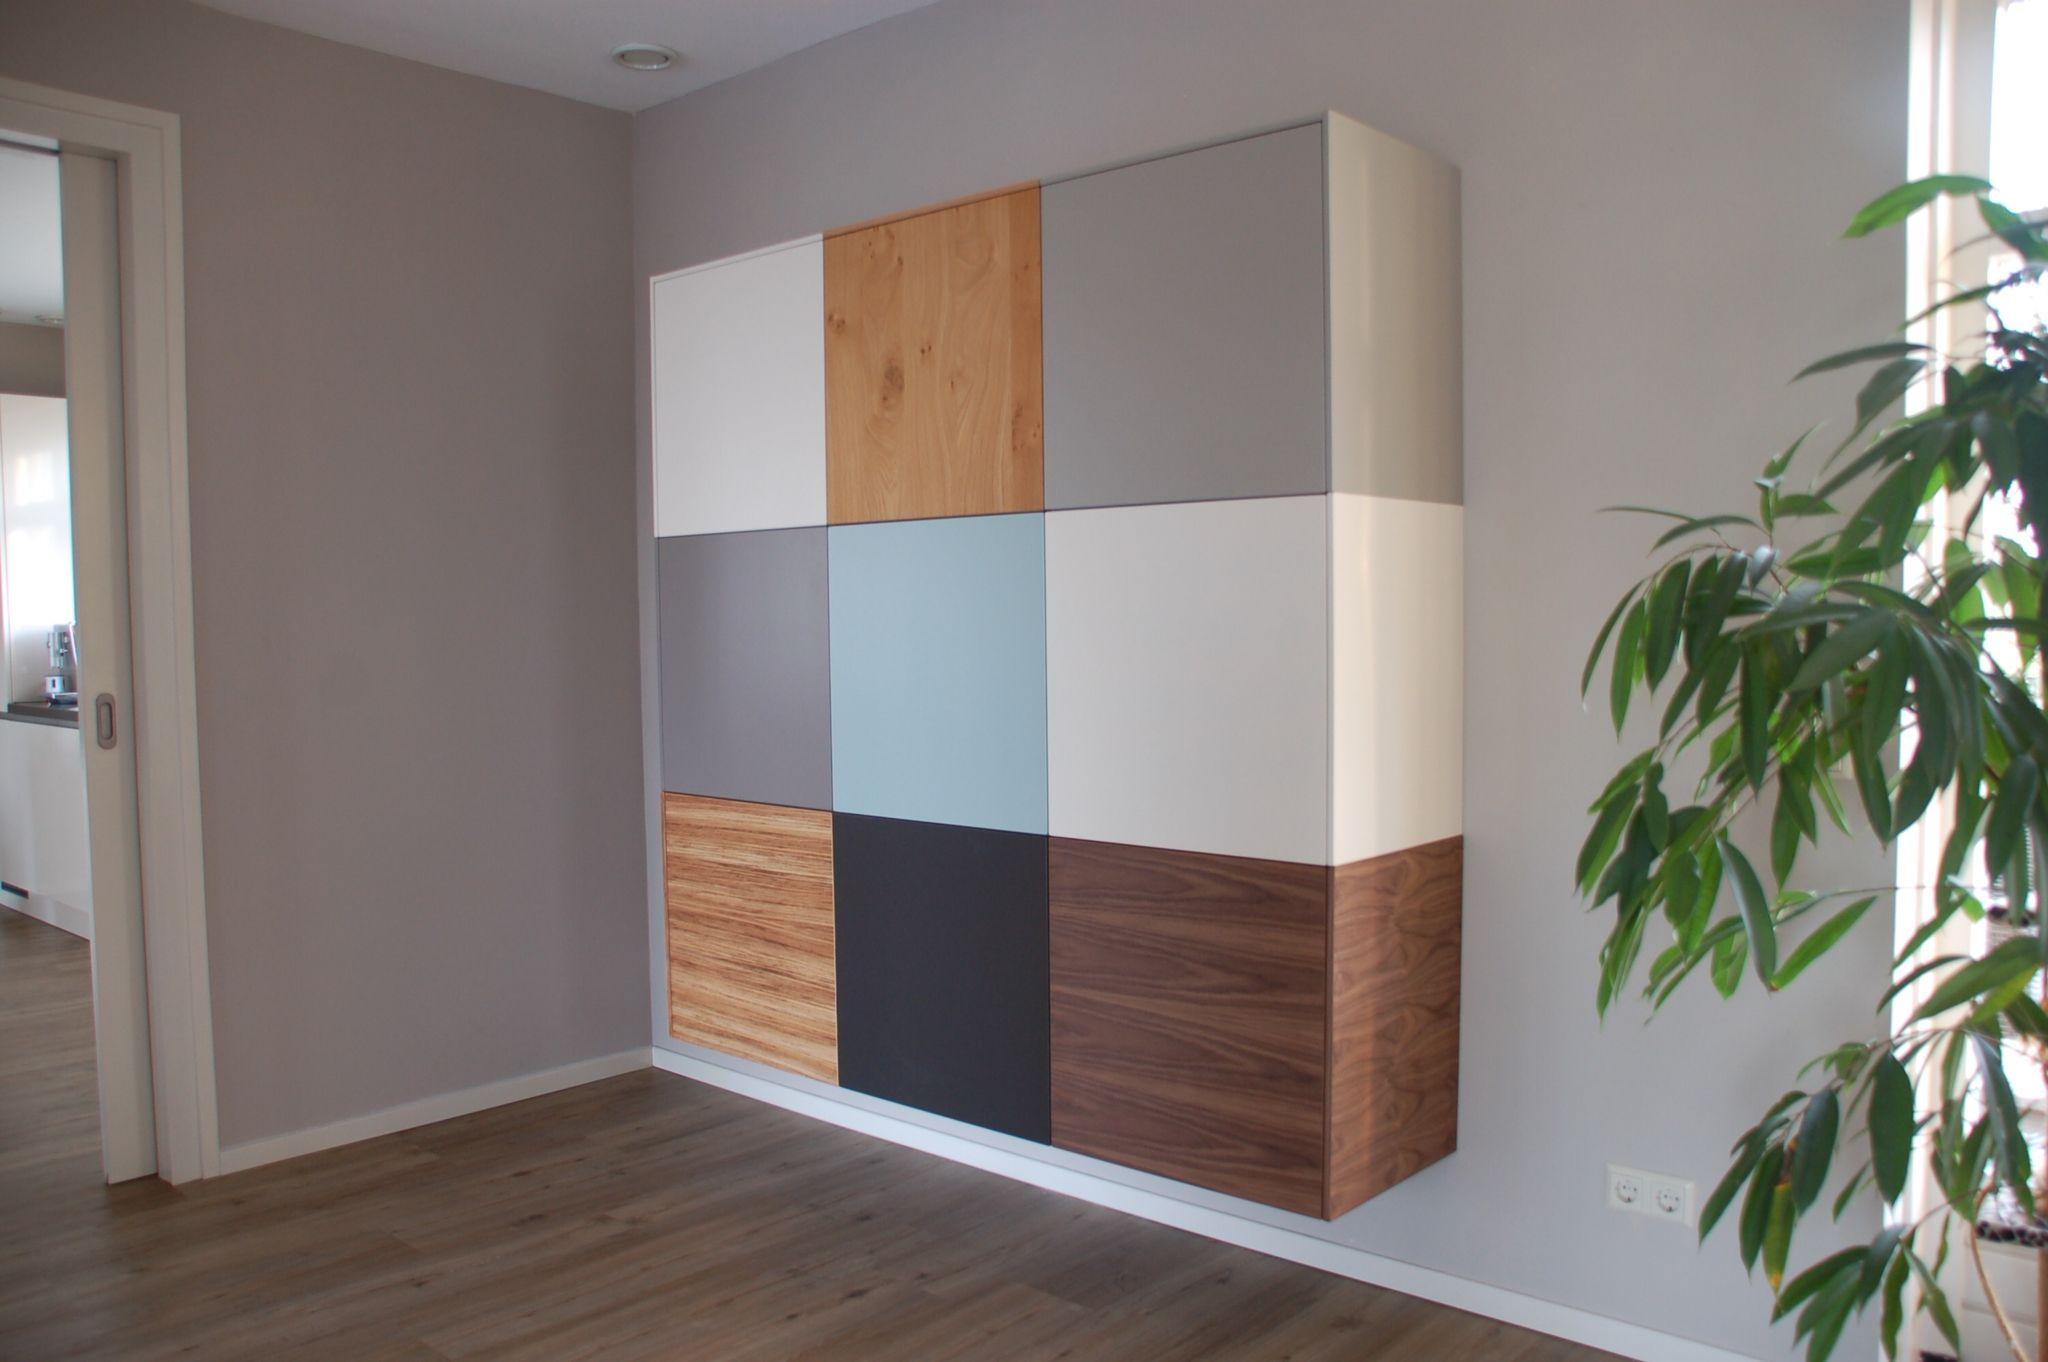 Eiken Werkblad Badkamer : Keuken met houten werkblad cool houten keuken van ruw eiken met